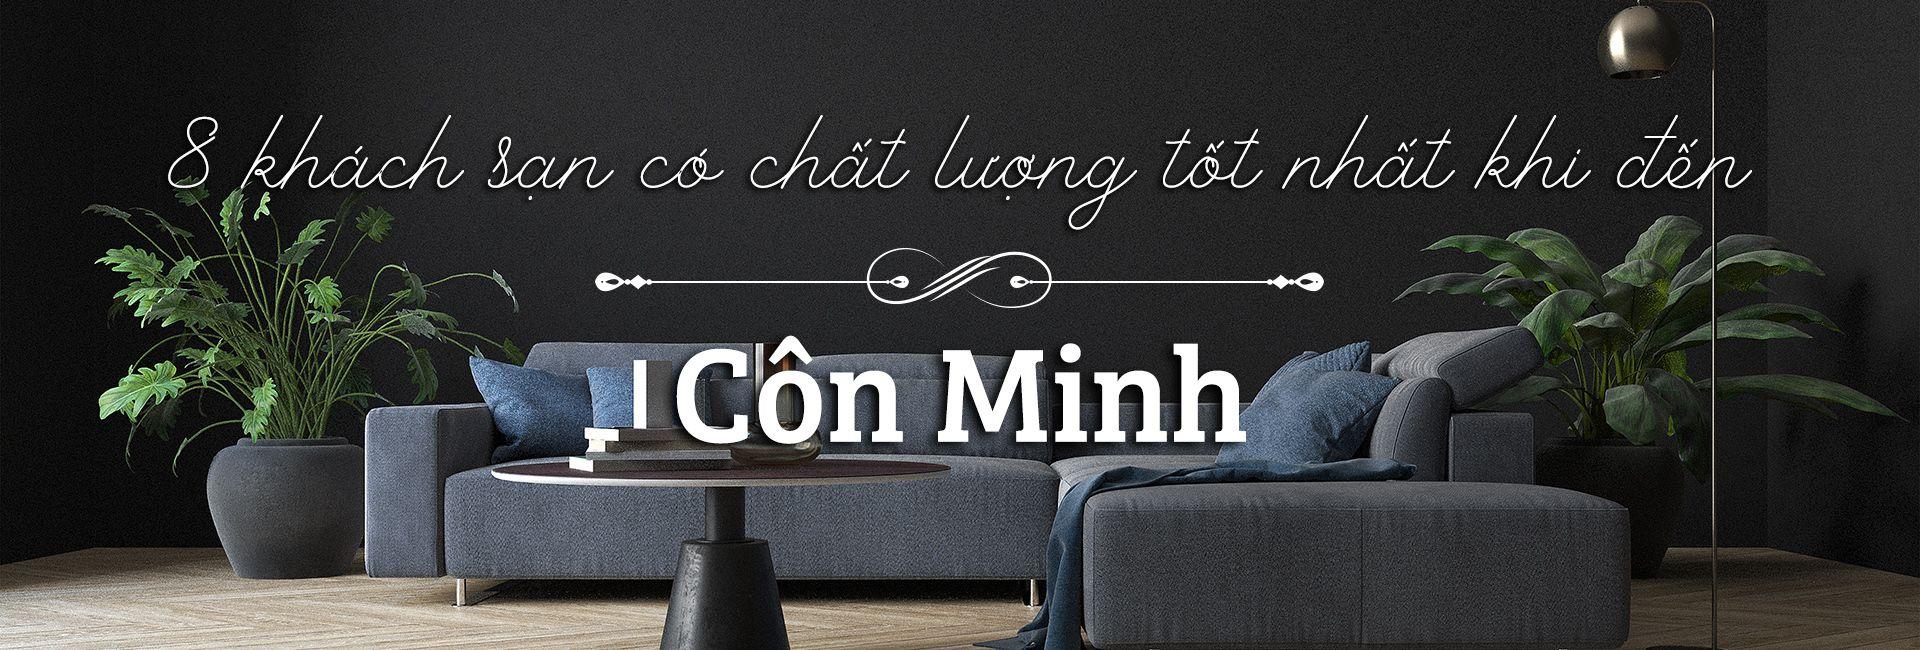 Top 8 khách sạn tốt nhất ở Côn Minh, Trung Quốc